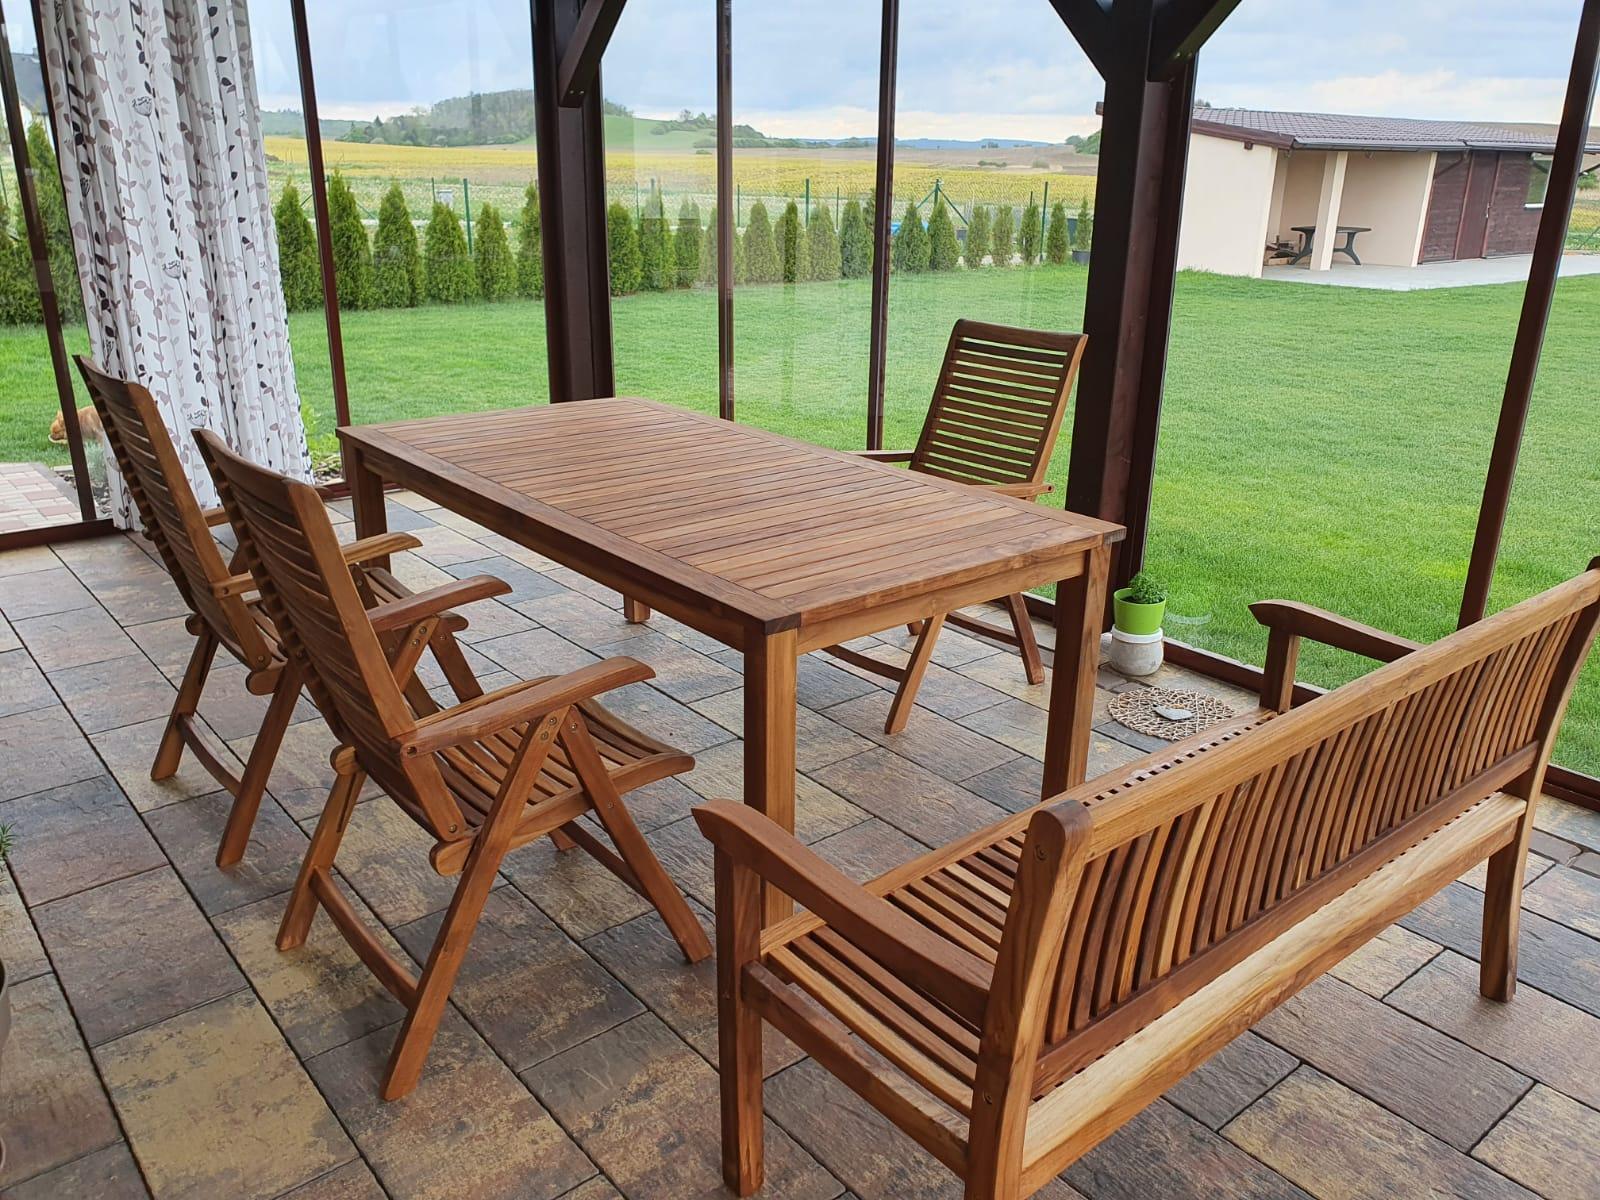 Teakový nábytek z Mountfieldu, nakonec stejně vyhrálo dřevo. Zatím 1x natřený teakovým olejem. Na 1 židli ještě čekáme. - Obrázek č. 3